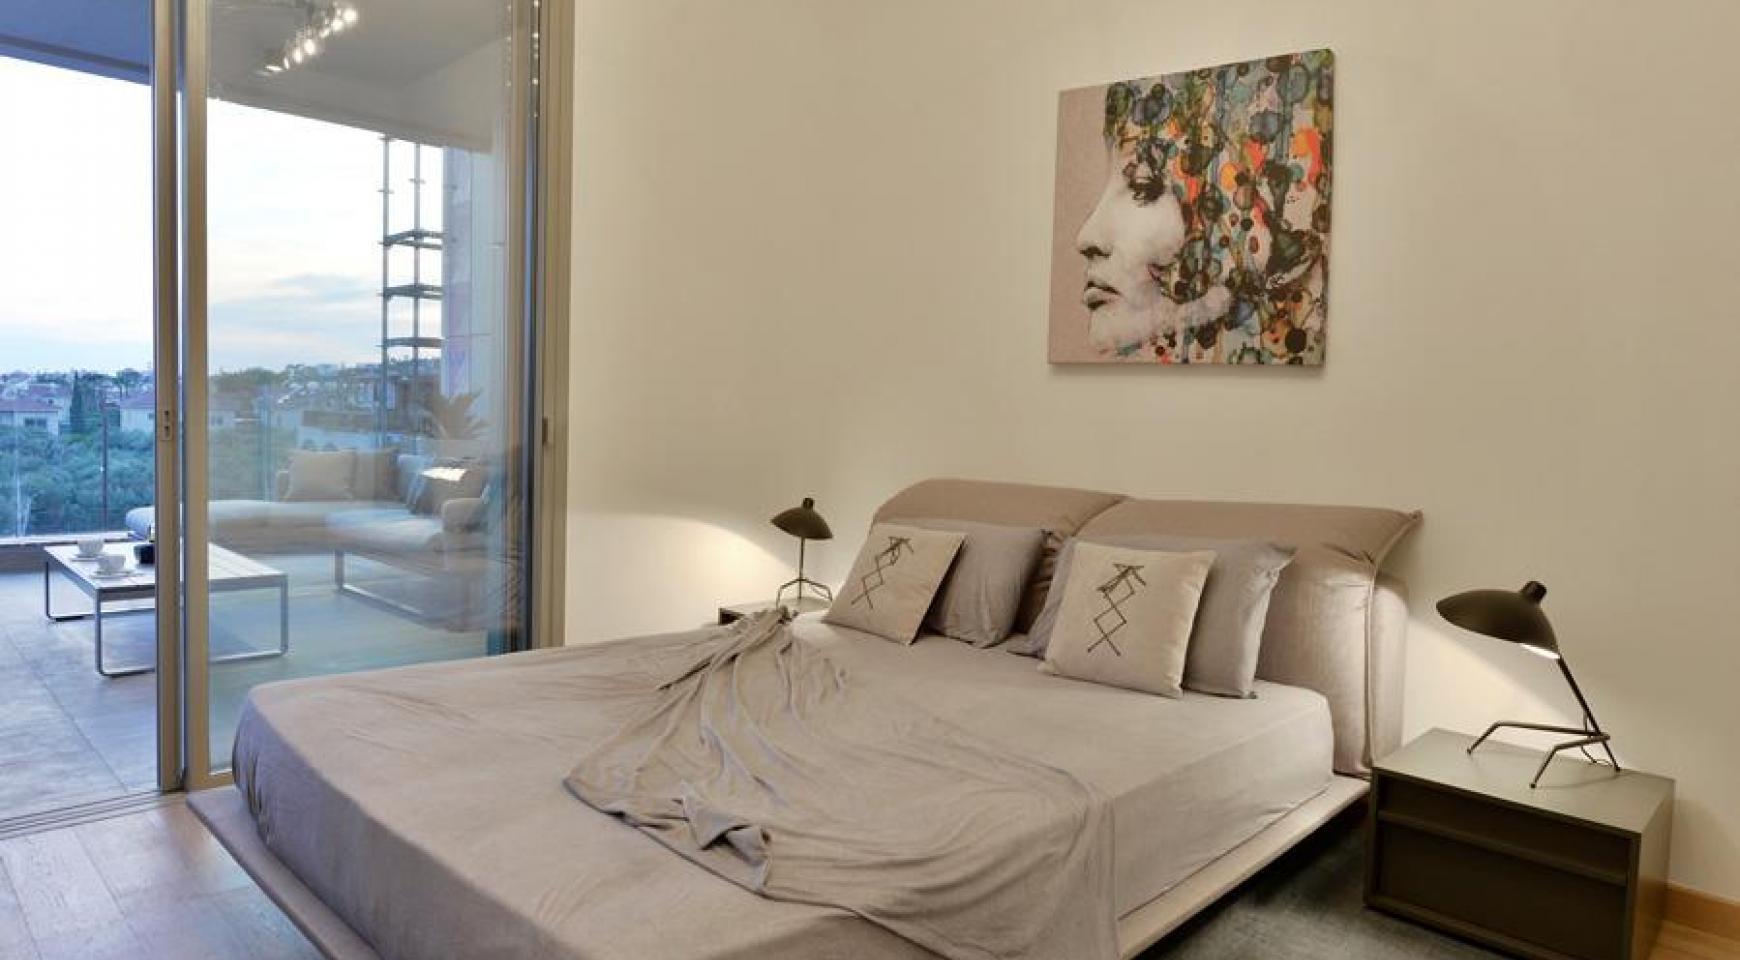 Πολυτελές διαμέρισμα 2 υπνοδωματίων με ταράτσα στο νεόδμητο συγκρότημα - 17